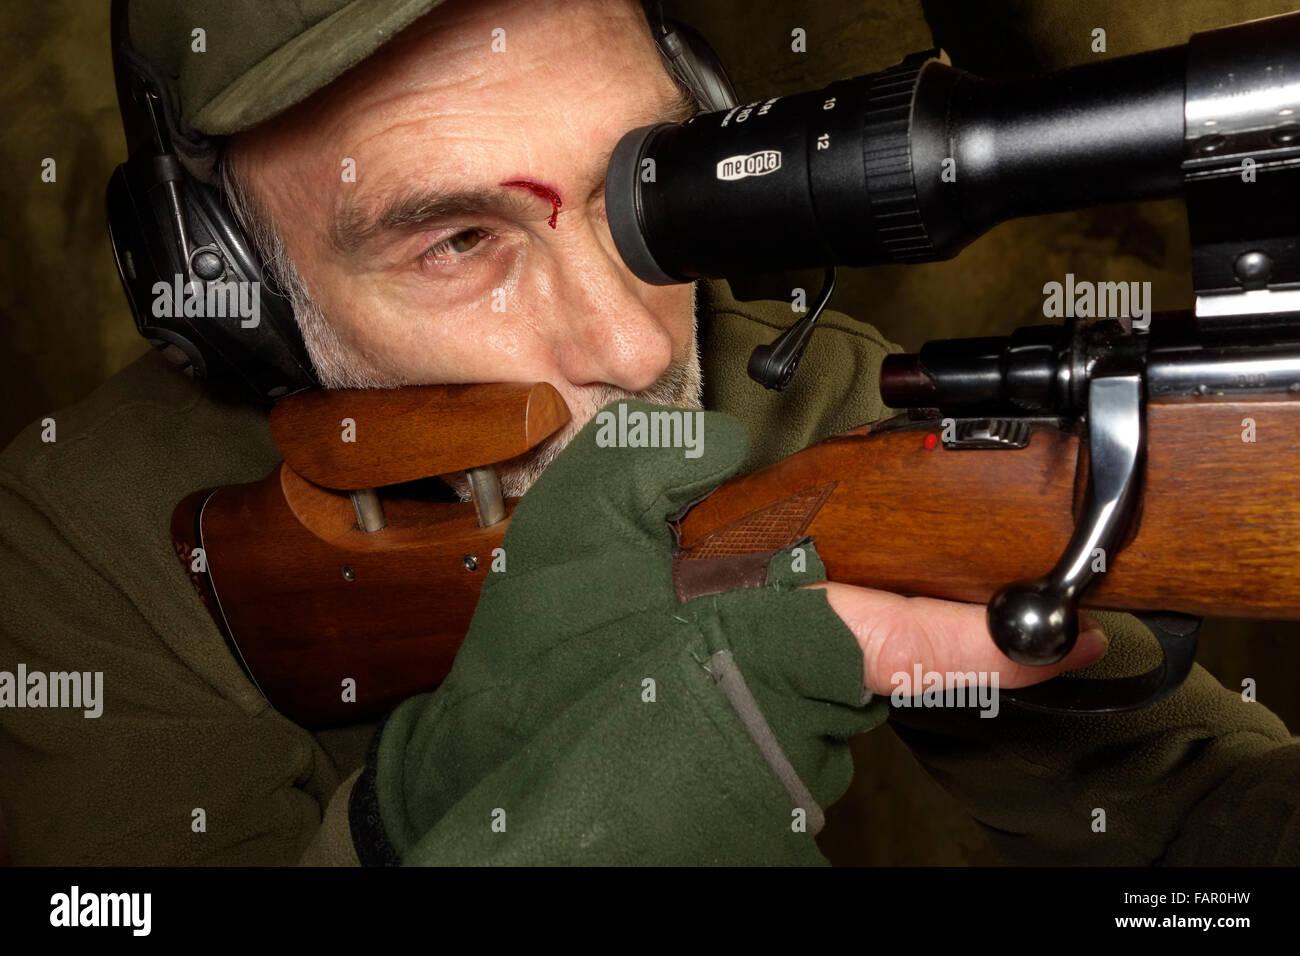 """Ein Jäger mit """"Umfang Auge"""" Wunde schießen eine Gewehr mit Zielfernrohr. Stockbild"""